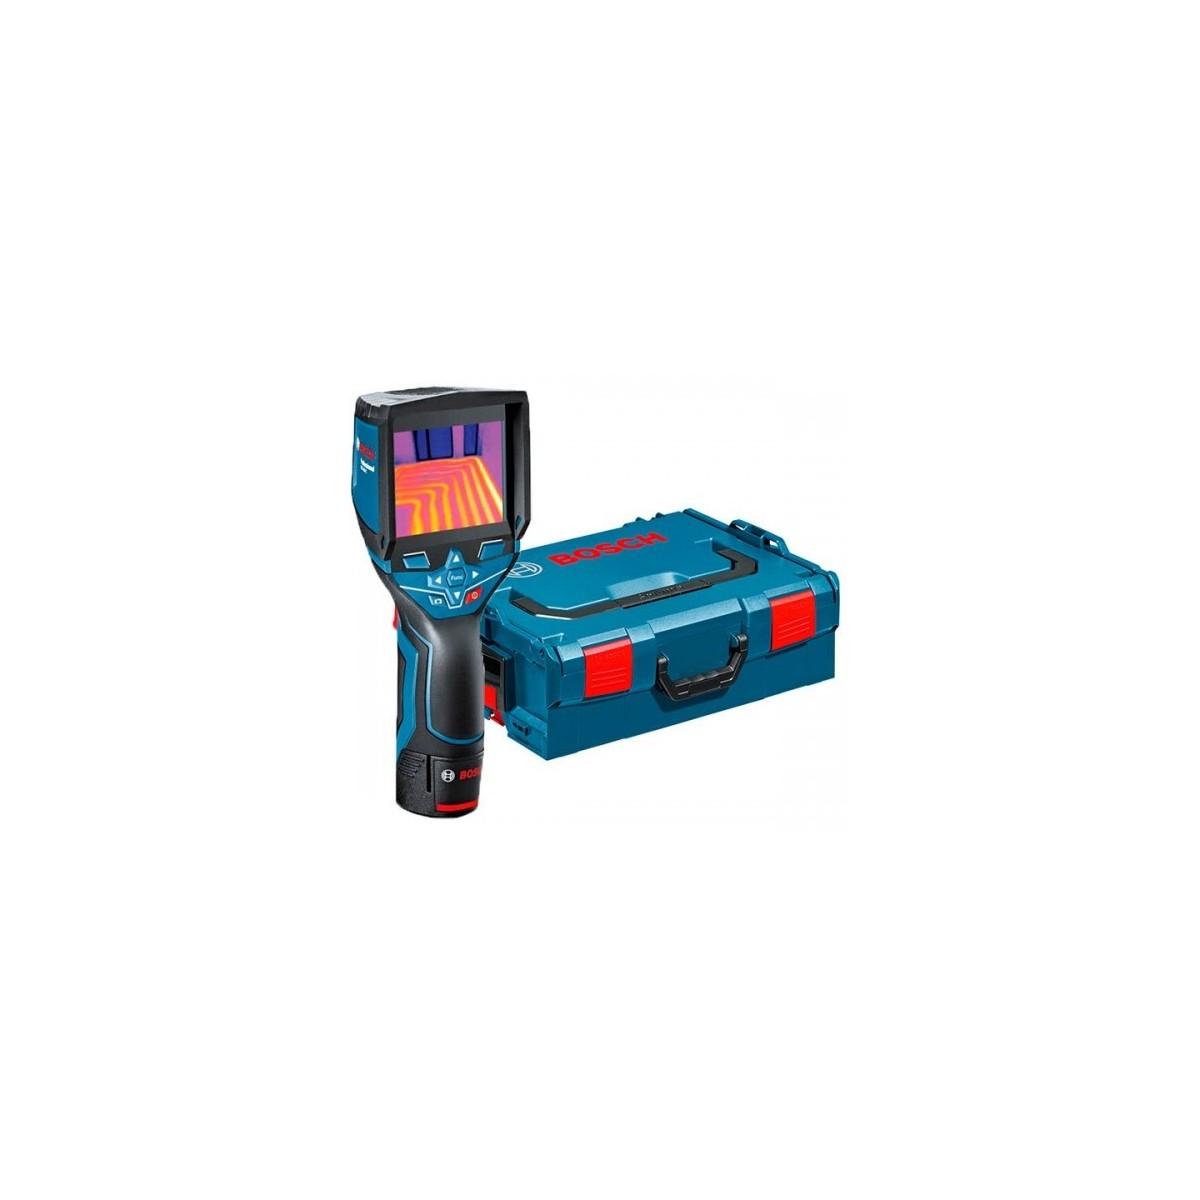 BOSCH Termokamera GTC 400 C 1x 2.0Ah, L-Boxx 0601083101